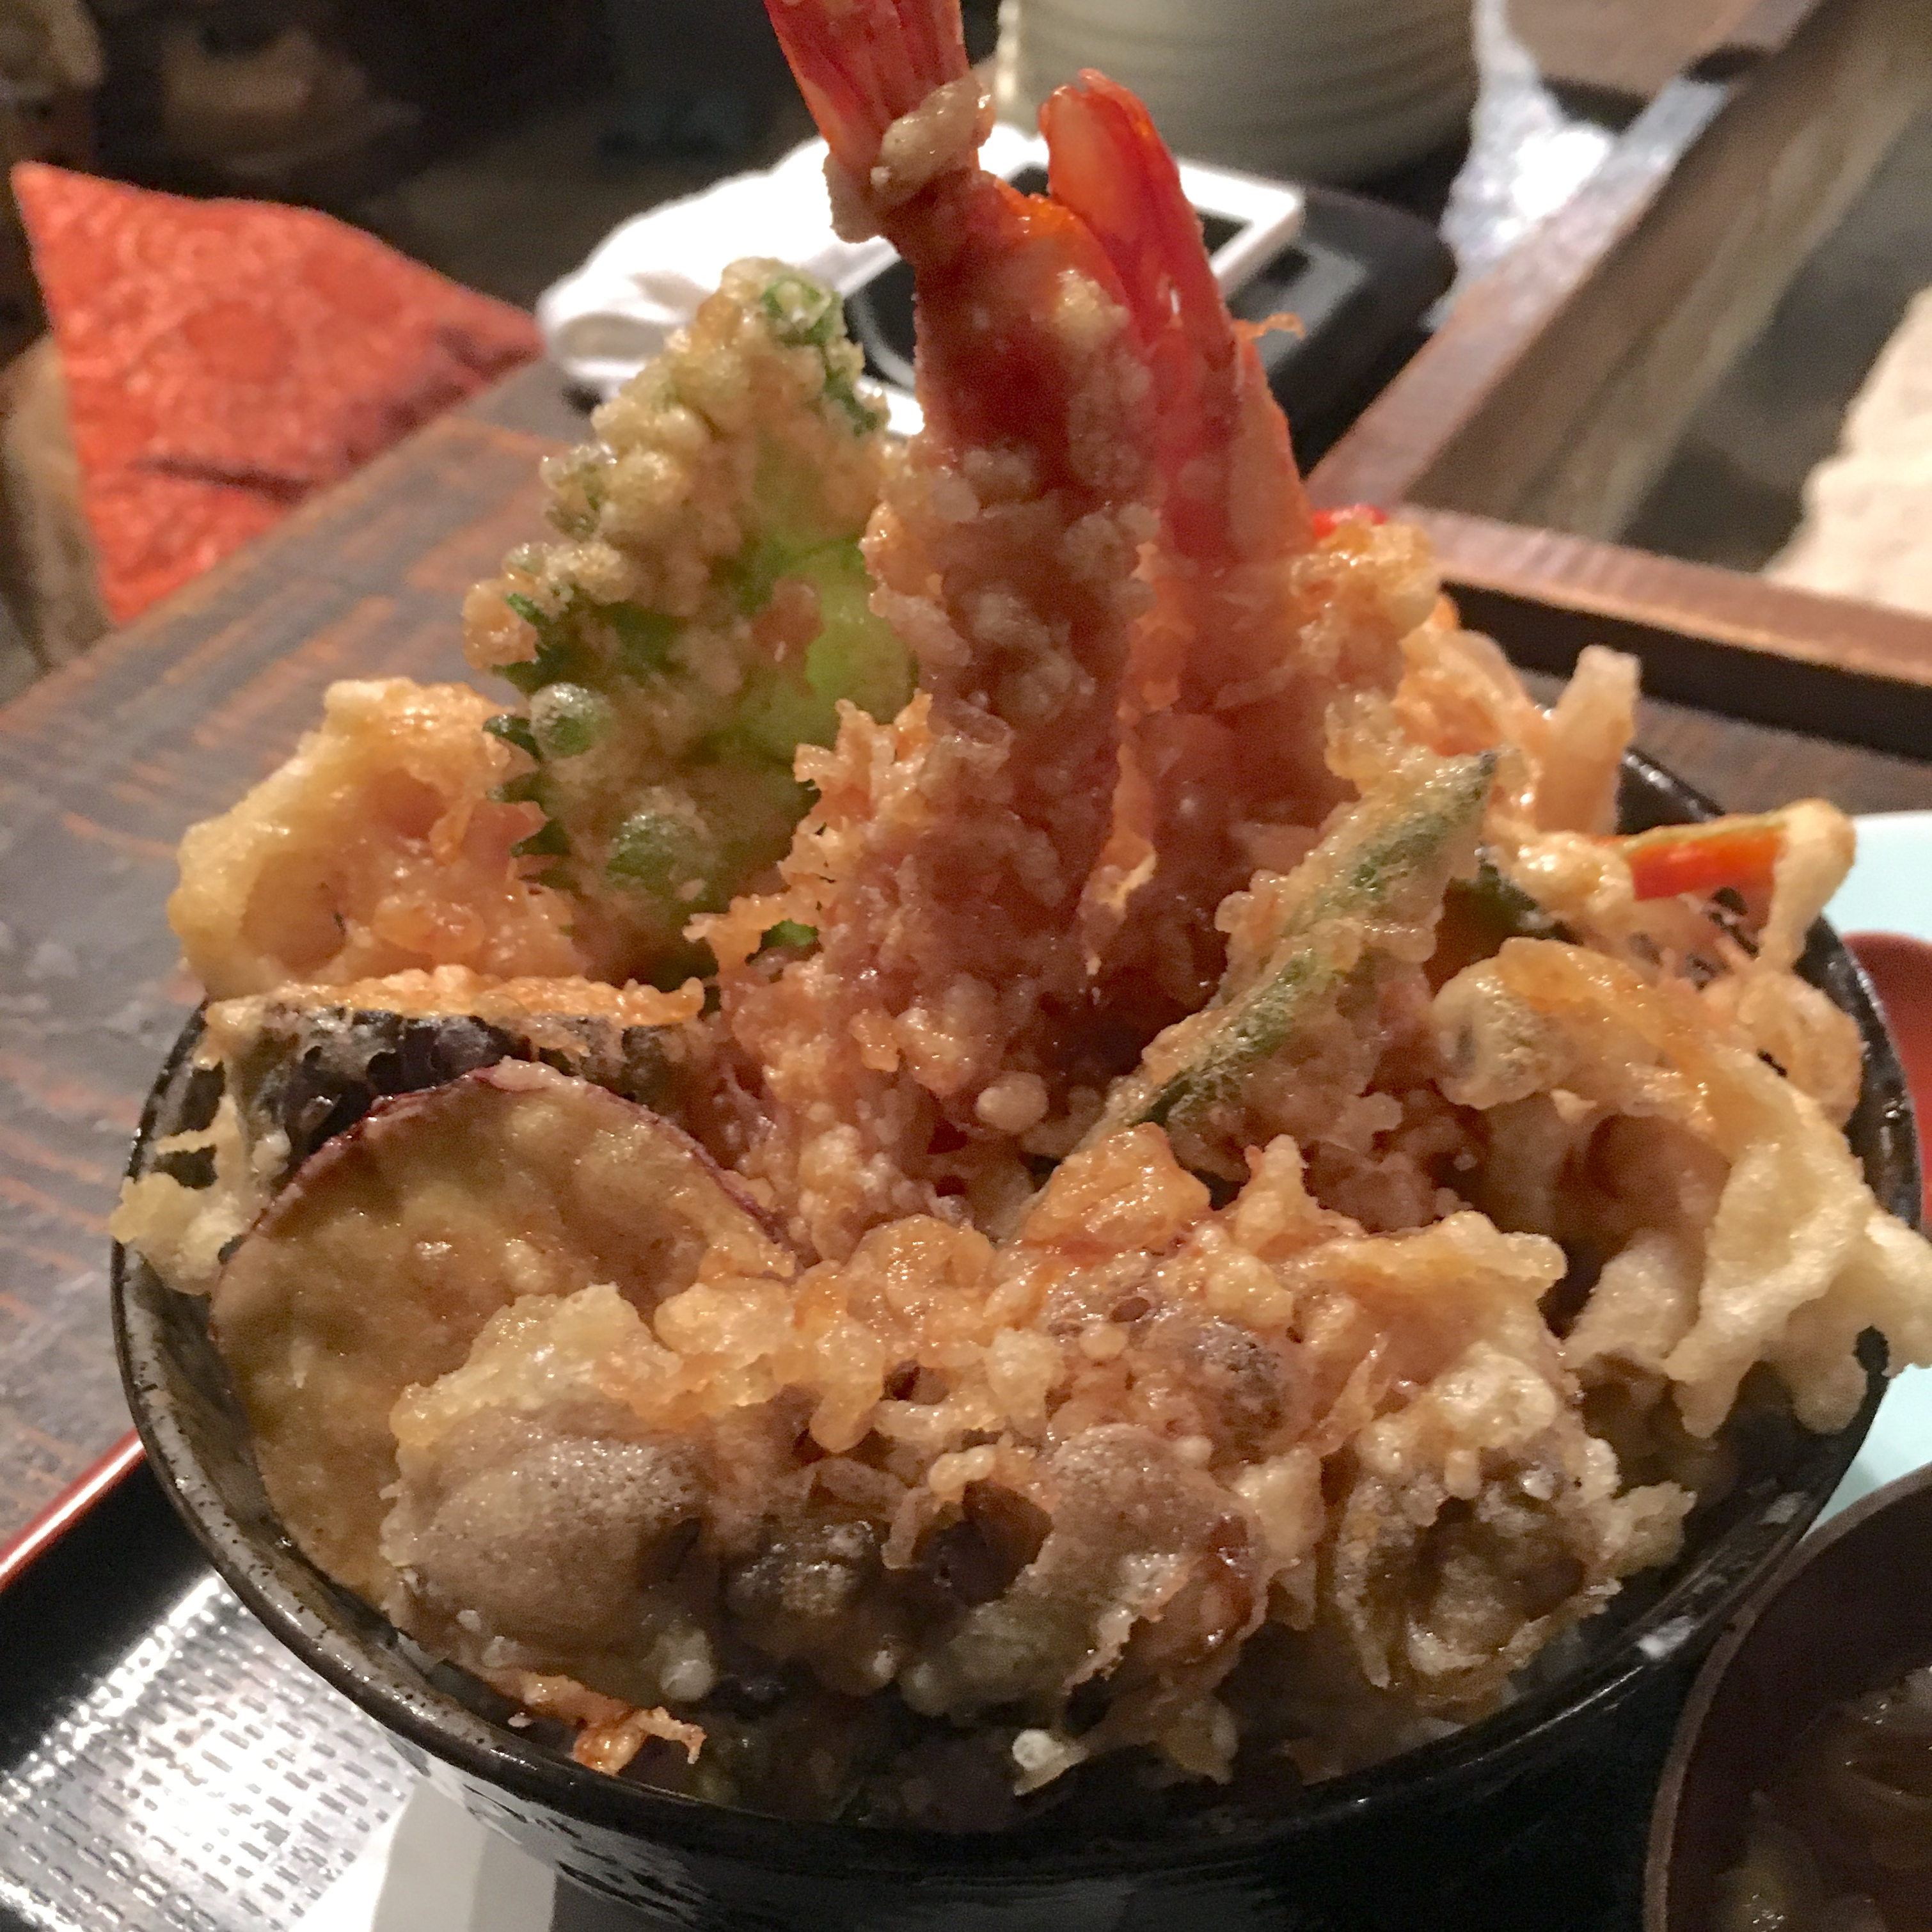 上尾・高半|ディナータイムに大盛り天丼&海鮮丼を食べたレビュー!